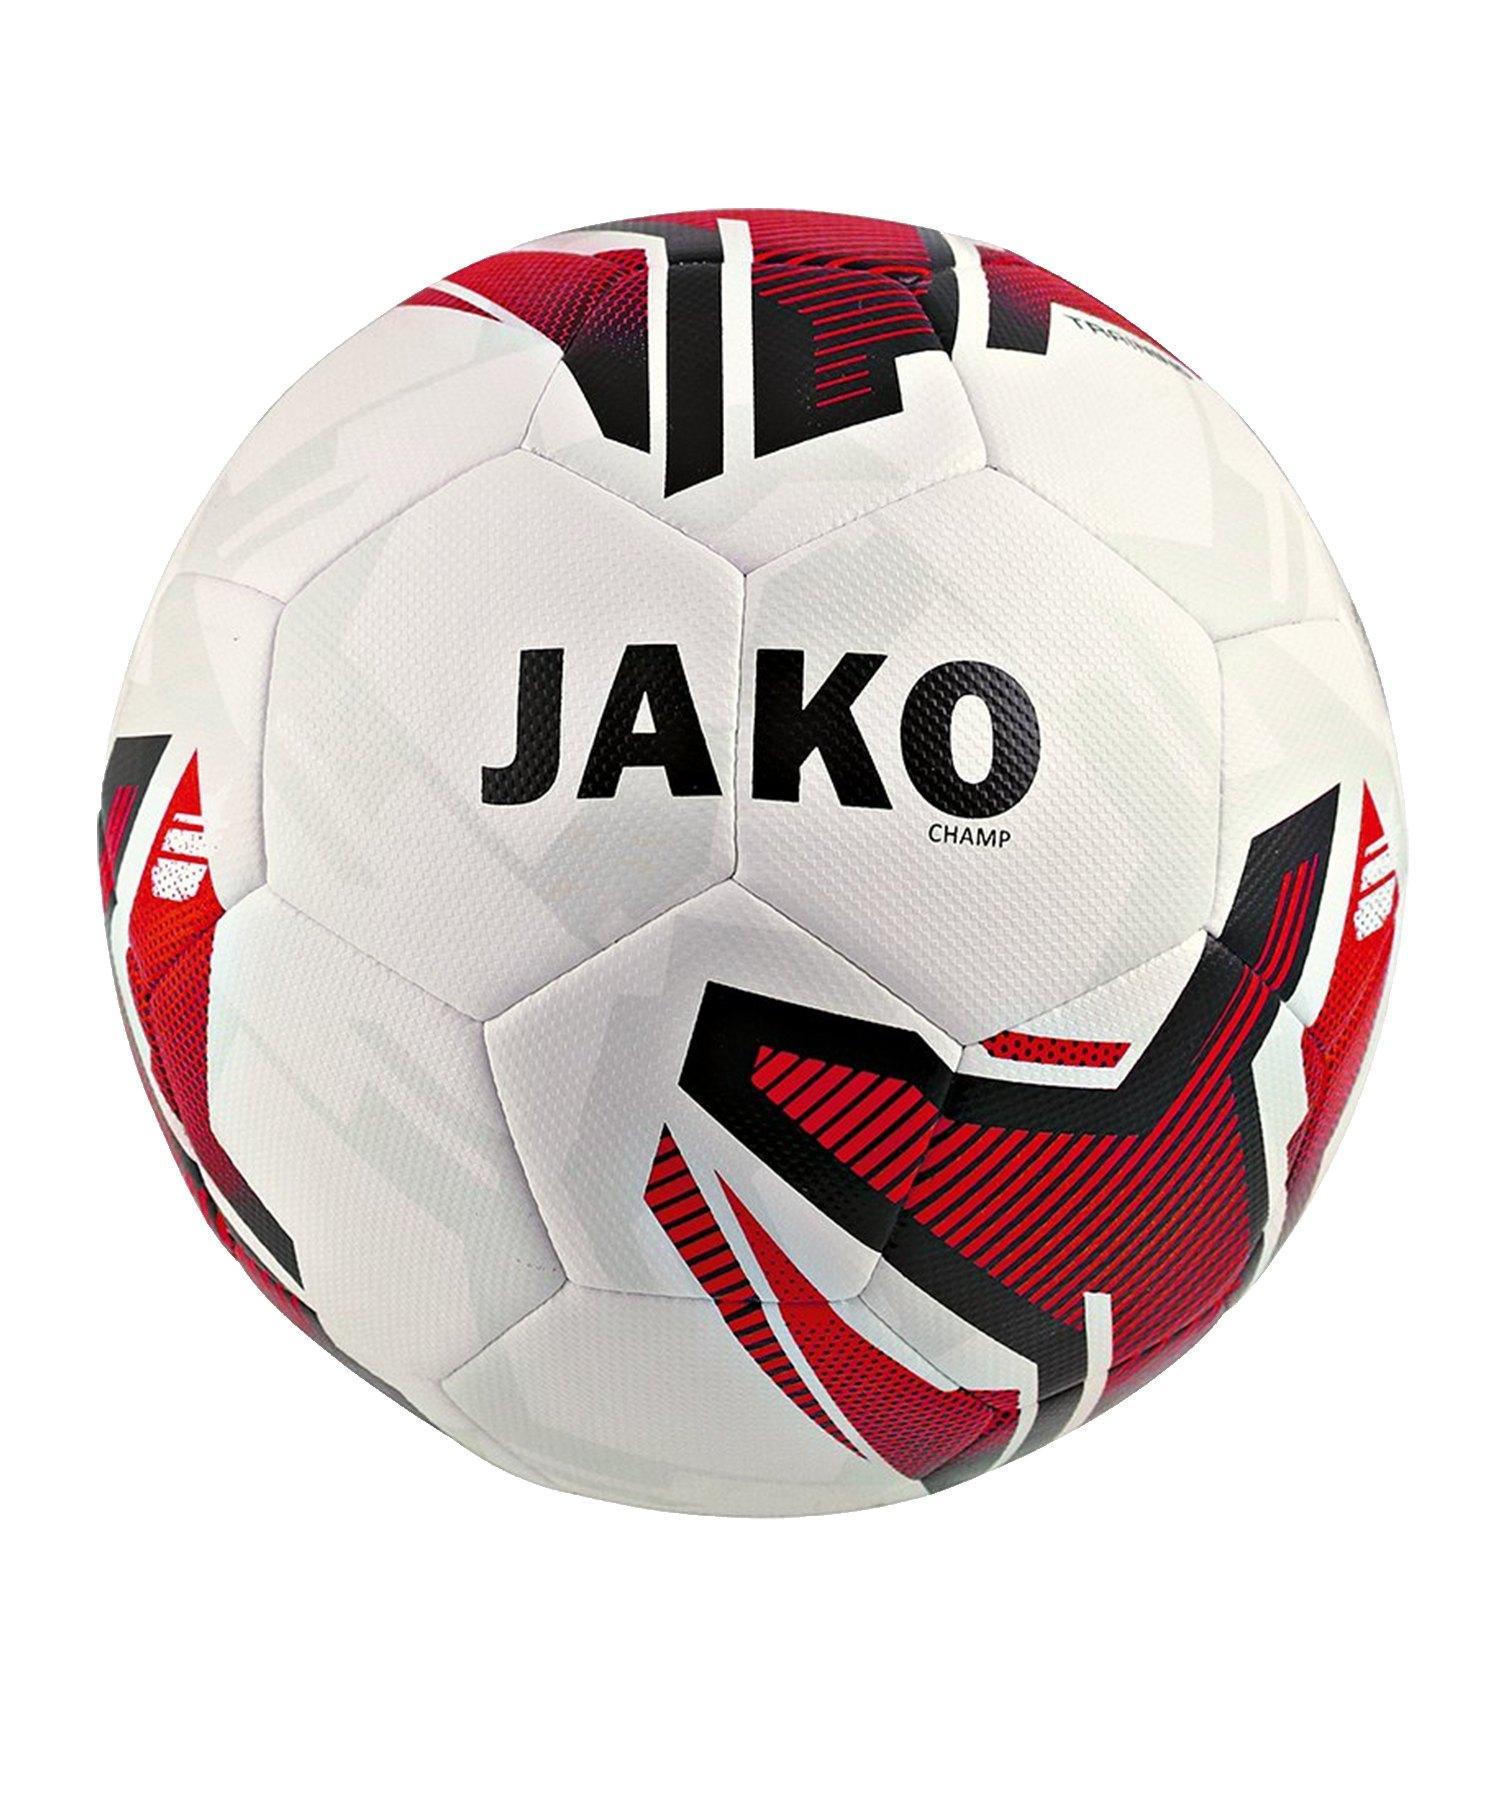 Jako Ball Champ Trainingsball Weiss Rot F00 - Weiss